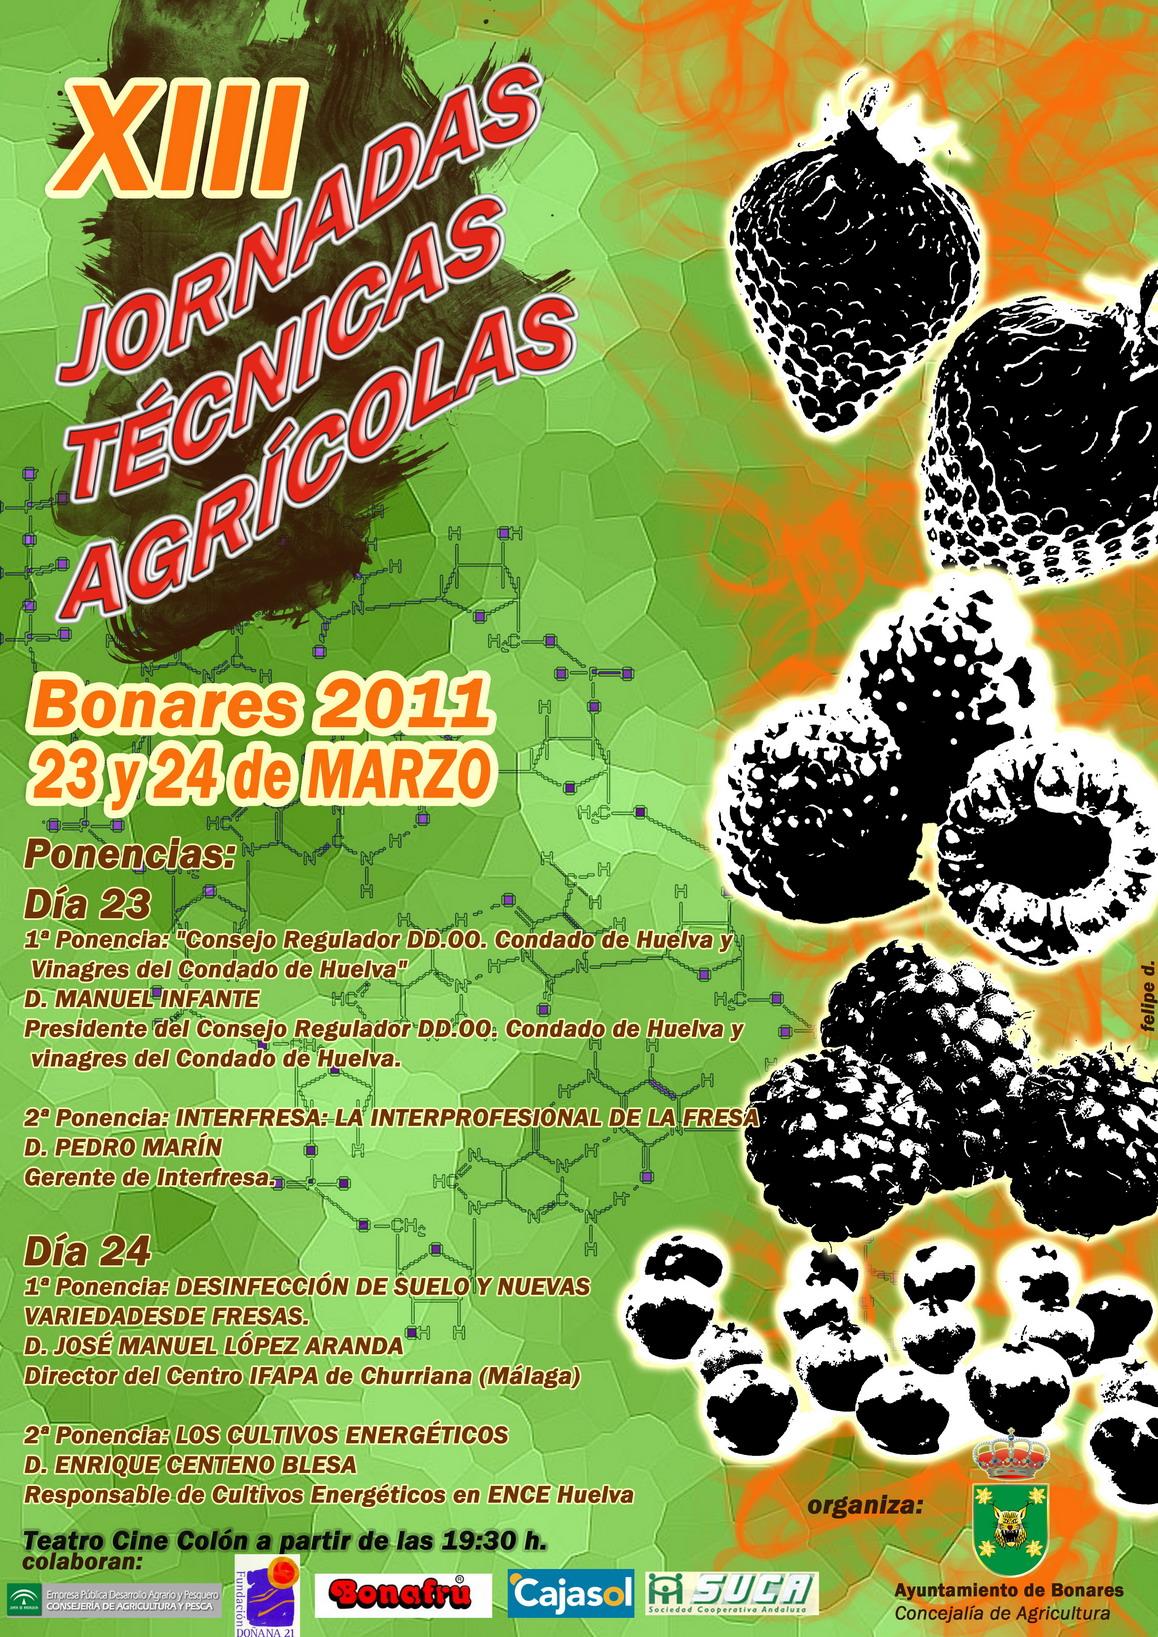 XIII Jornadas técnicas Agricolas 2011